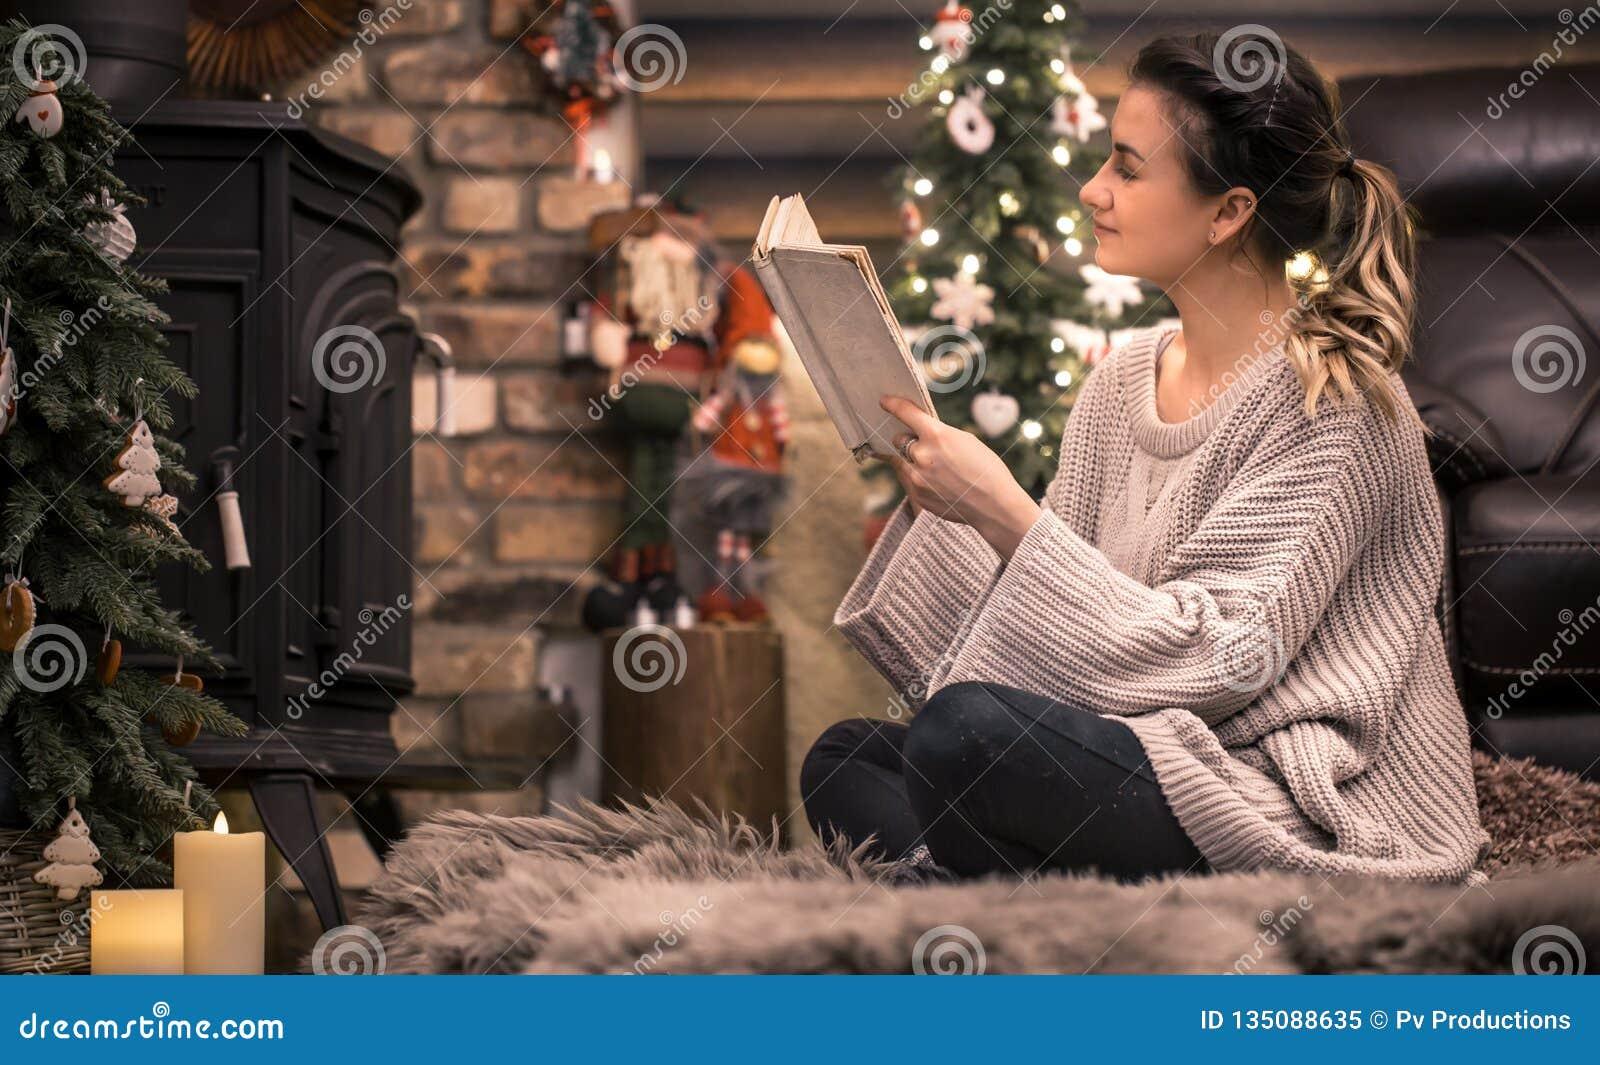 Muchacha que lee un libro en una atmósfera casera acogedora cerca de la chimenea